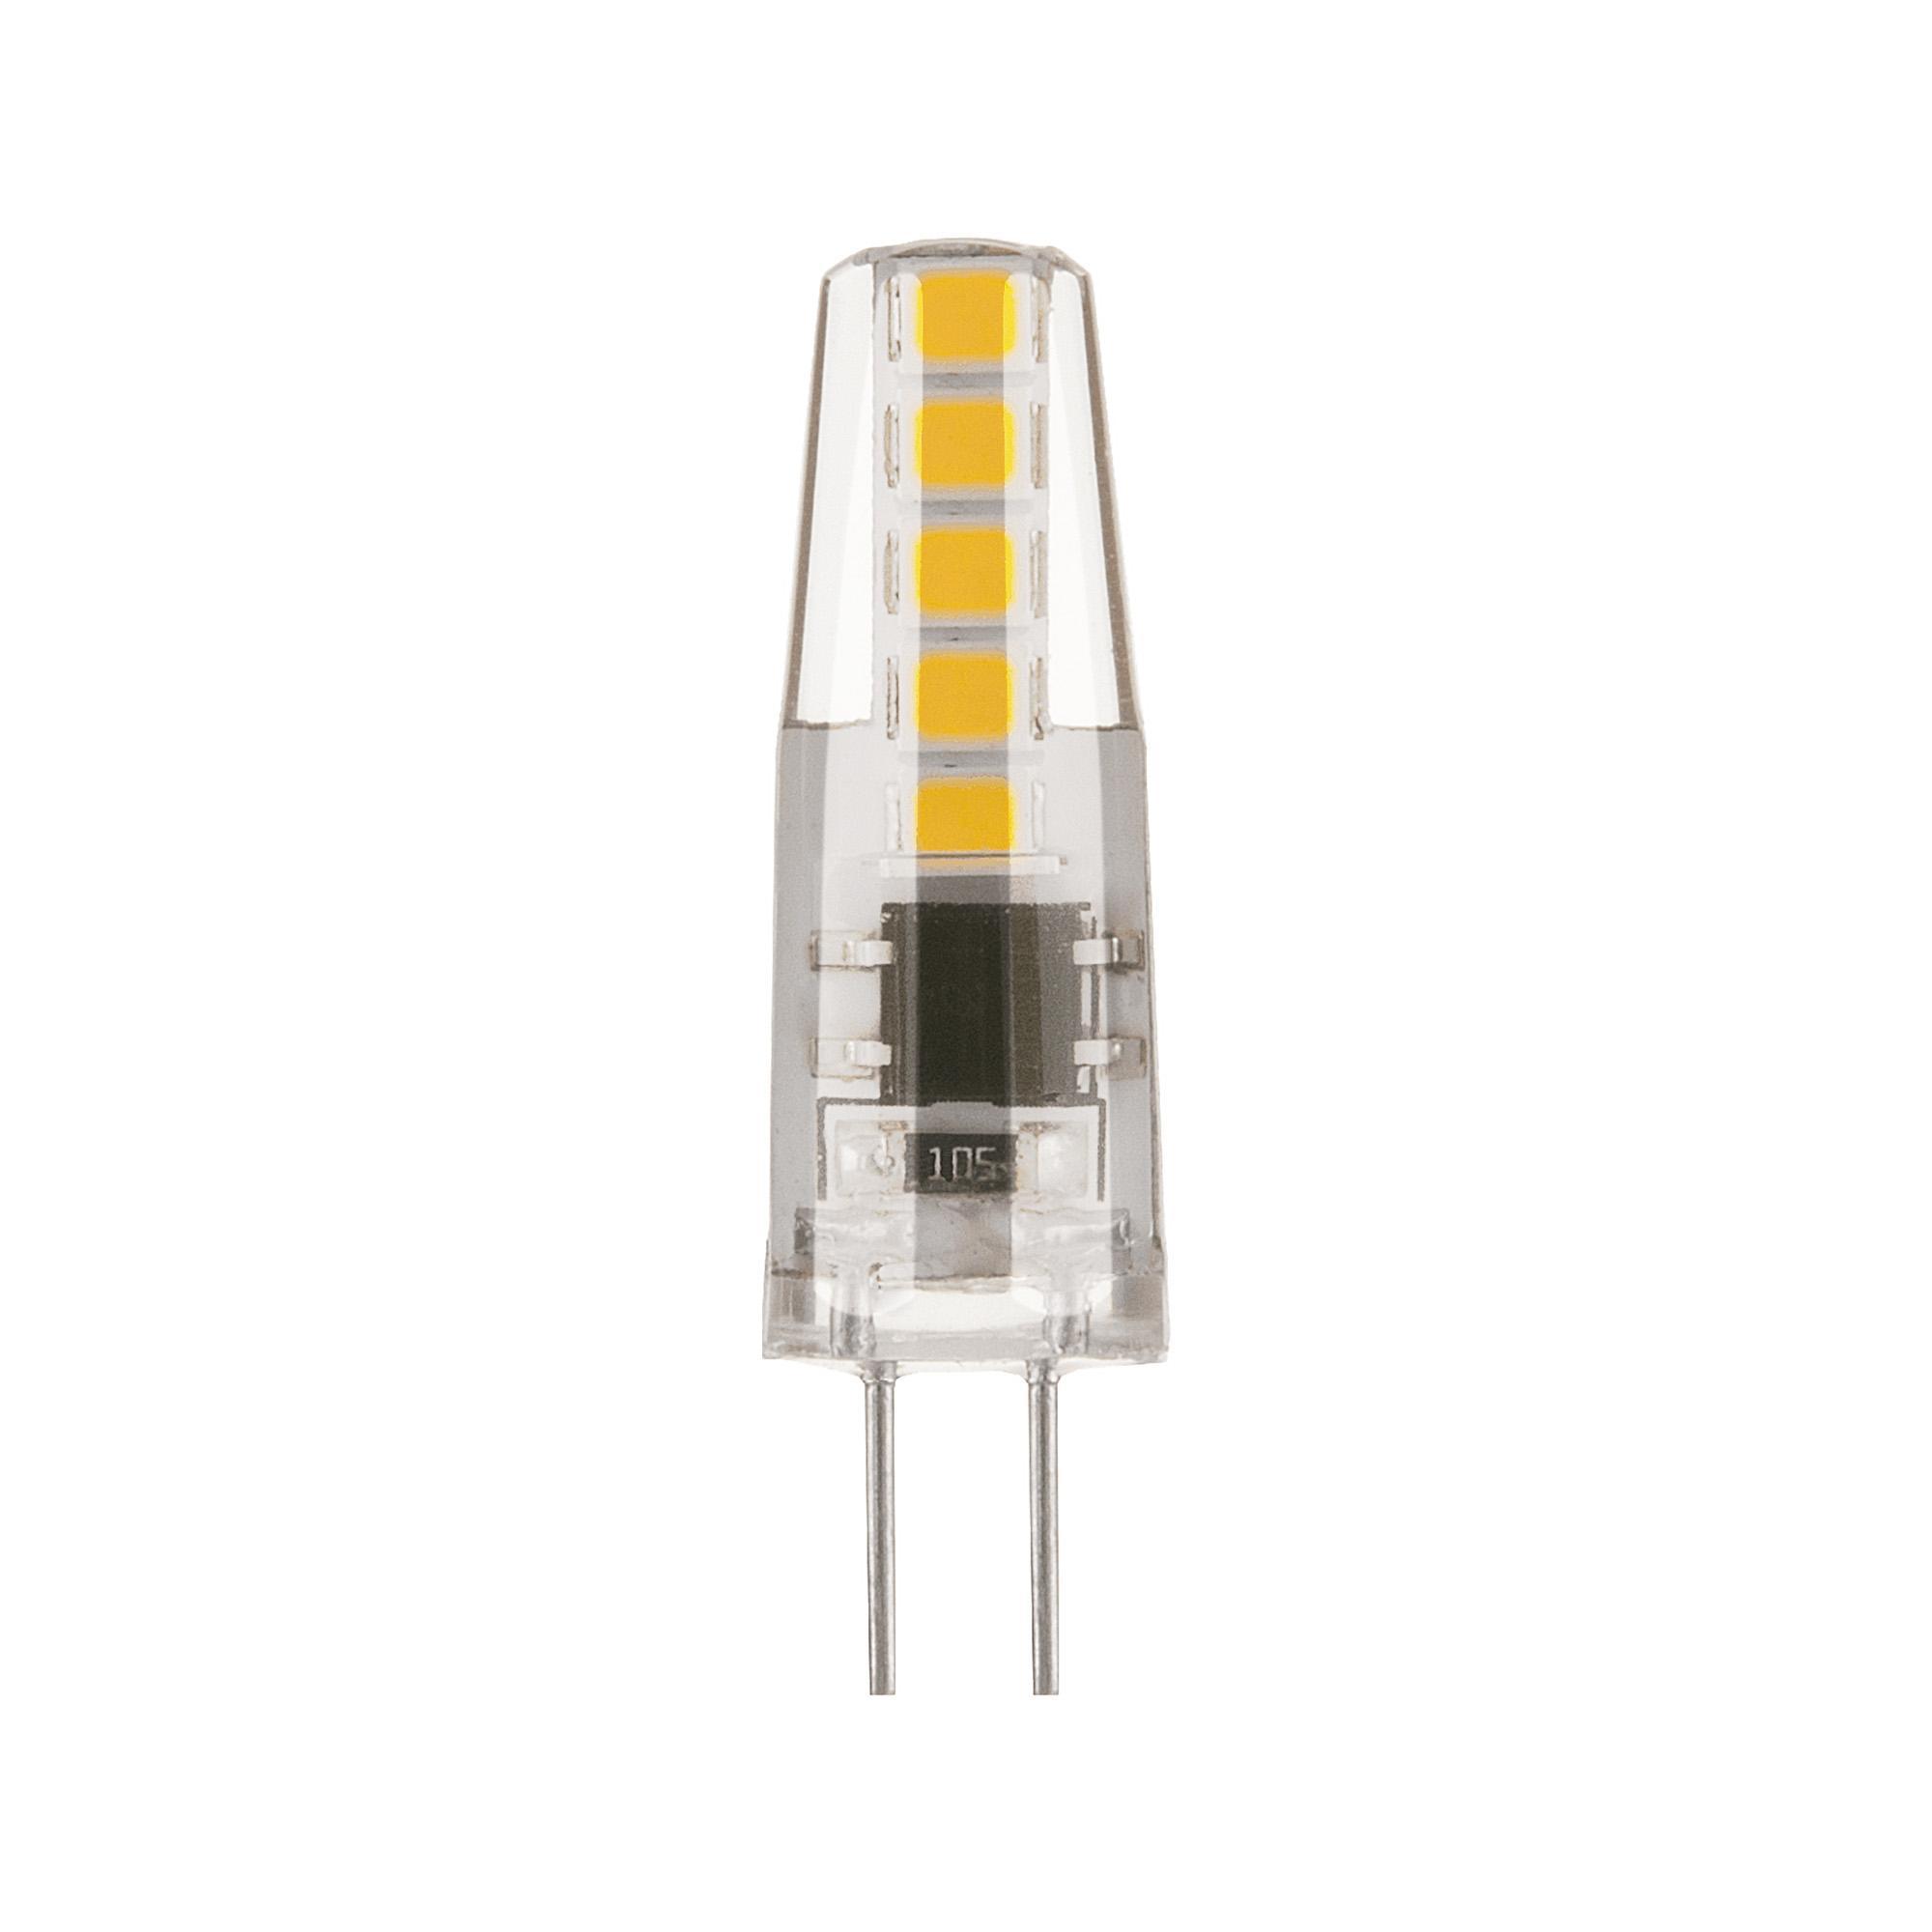 G4 LED BL124 3W 220V 360° 4200K